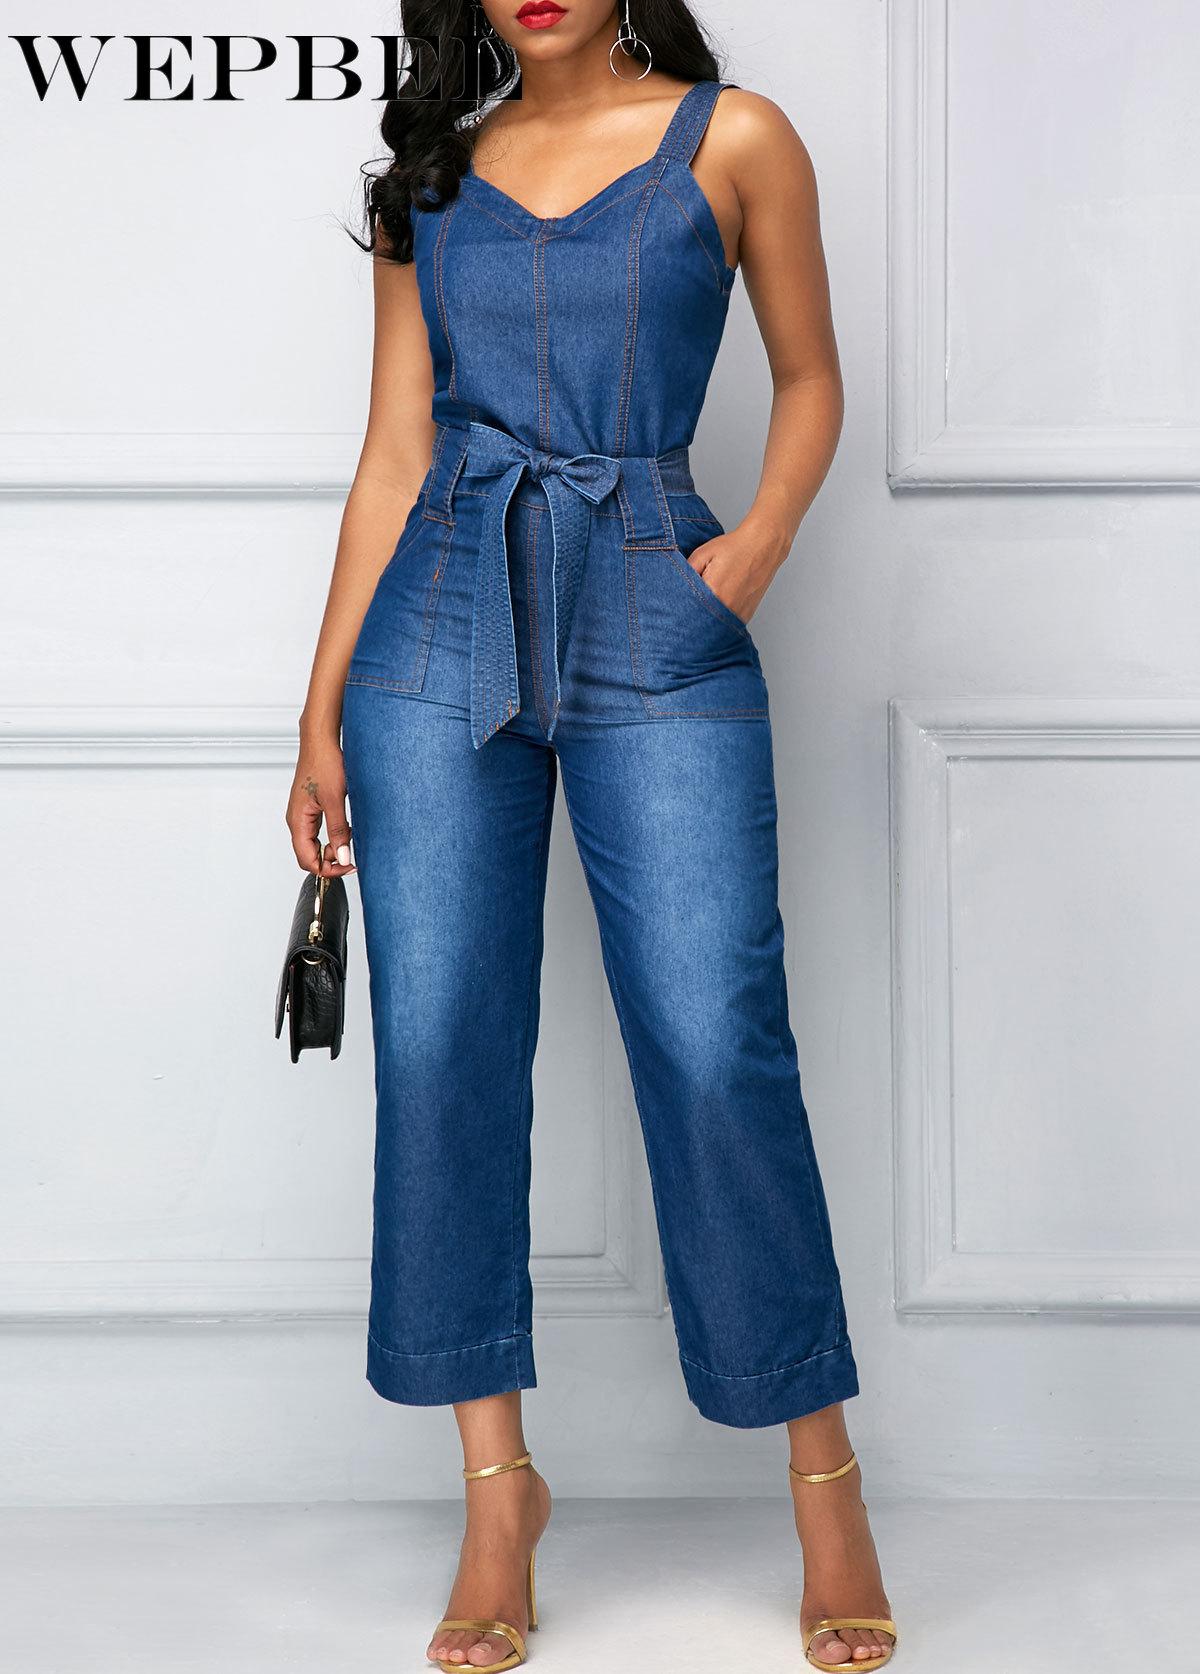 WEPBEL Female Casual Loose Pocket Washed Denim Rompers Jeans Women Spring Summer Vintage Strap Denim Jumpsuits Overalls